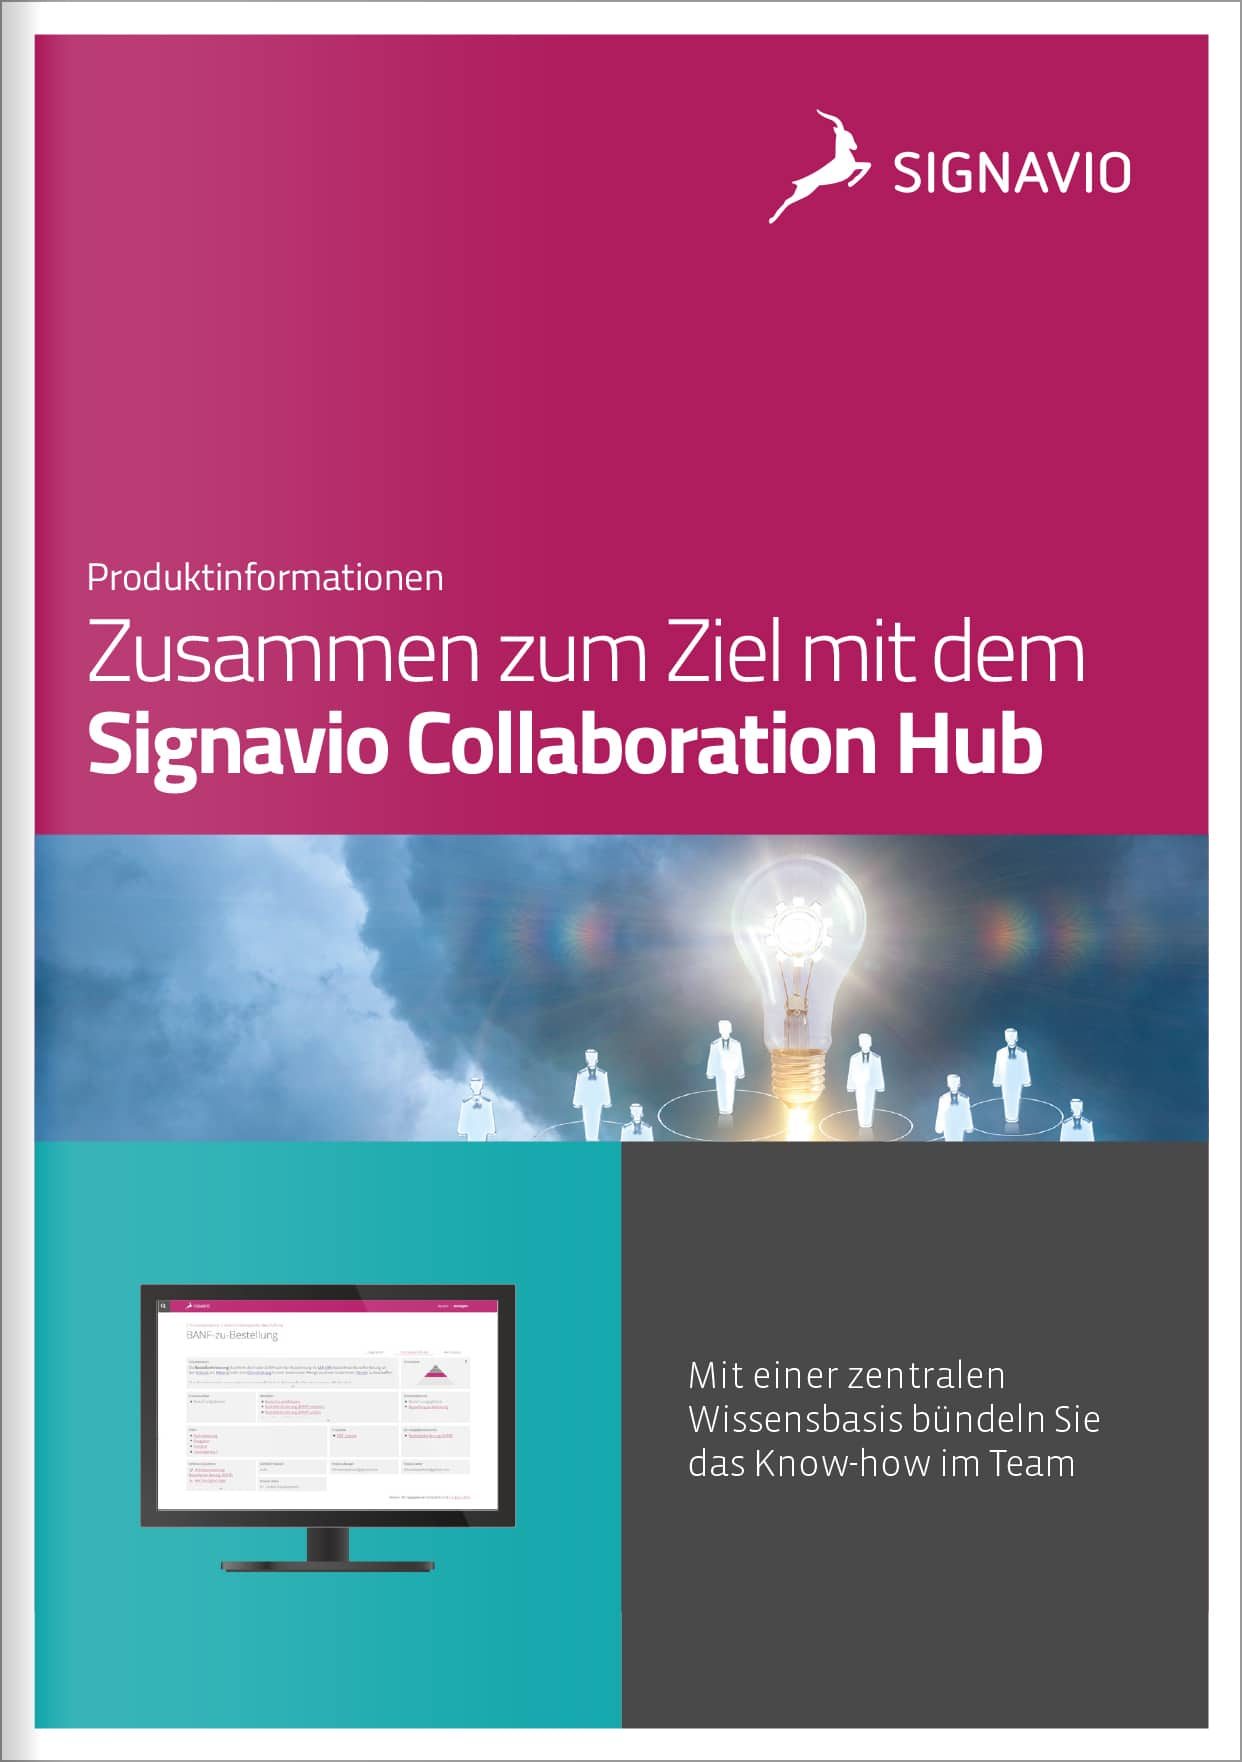 Zusammen zum Ziel mit dem Signavio Collaboration Hub